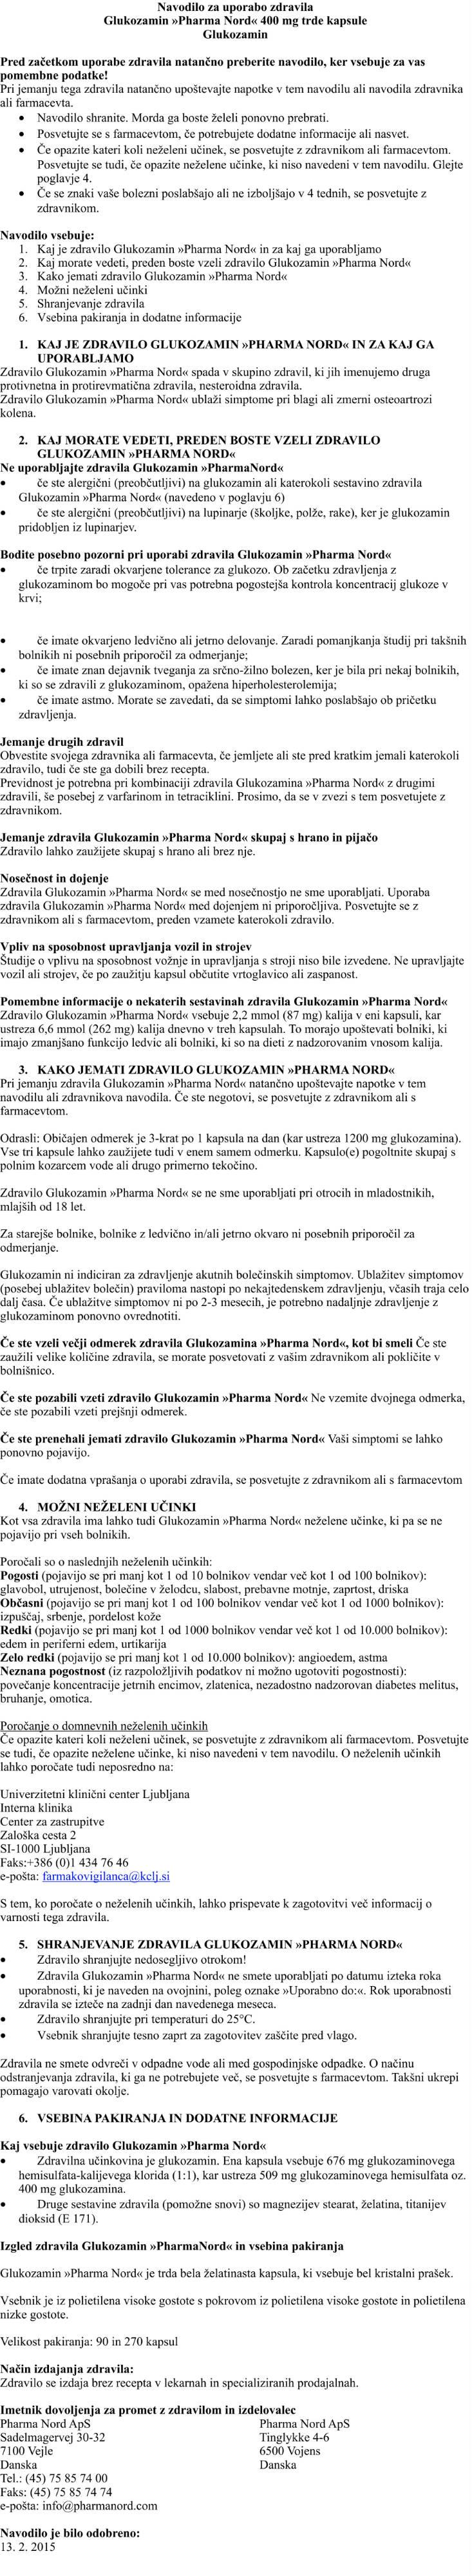 Glukozamin Pharma Nord navodila